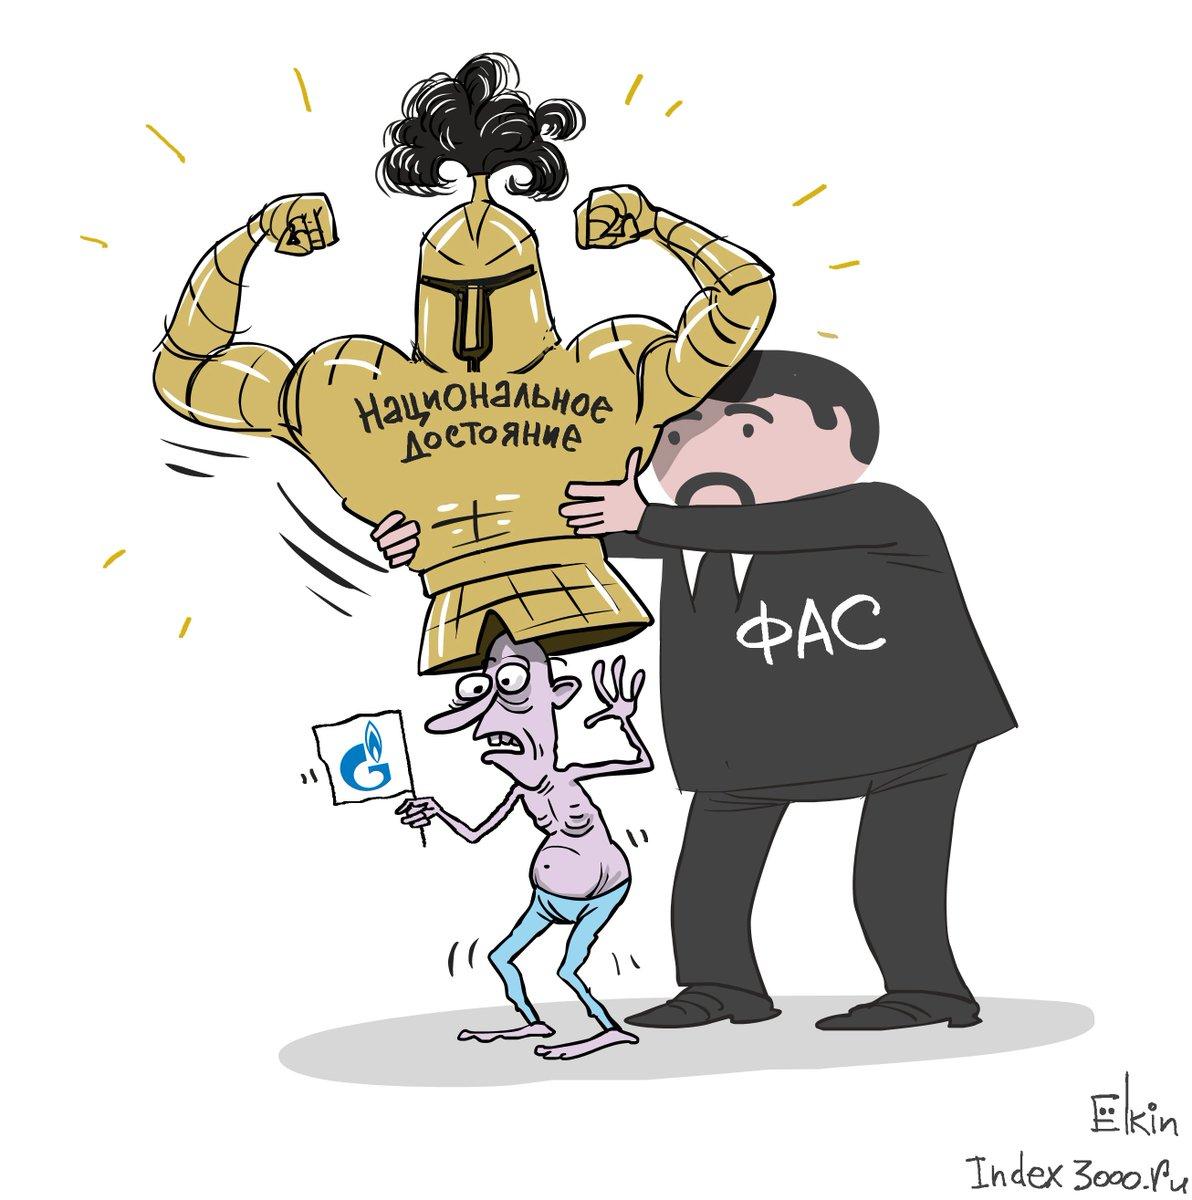 Украина пожаловалась в ВТО на торговые ограничения со стороны России - Цензор.НЕТ 96